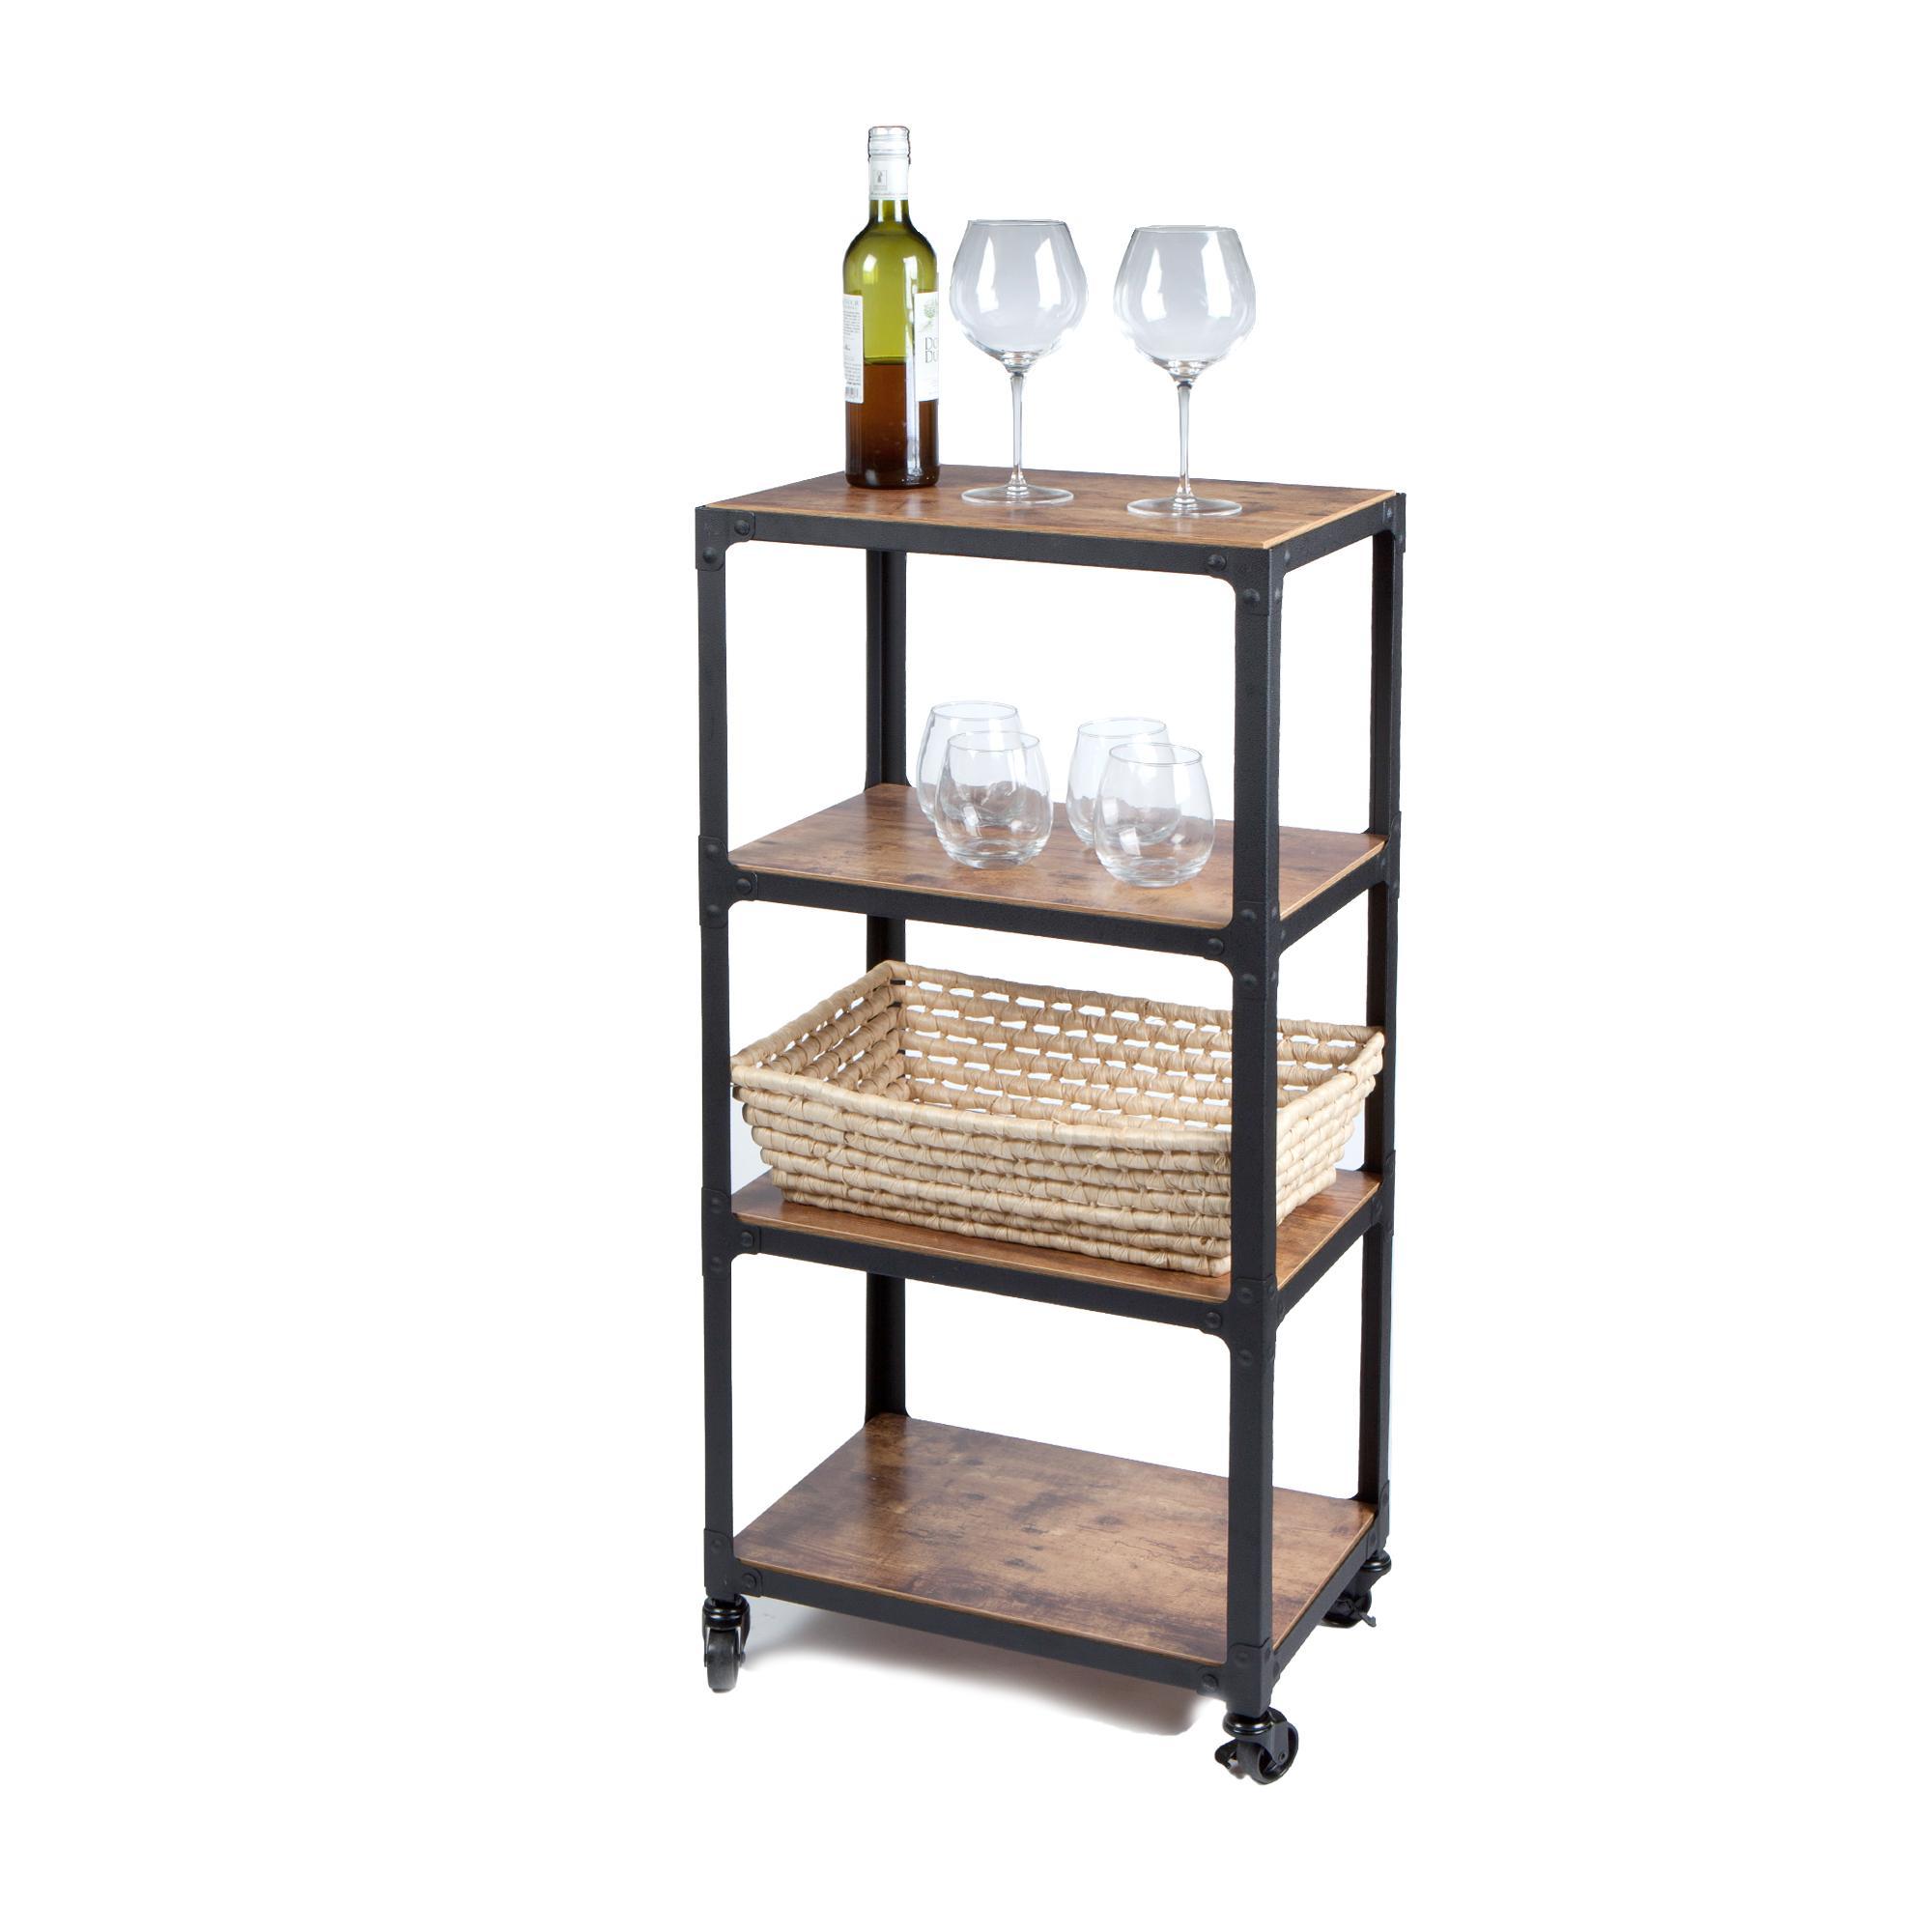 mind reader charm 3 tier wood metal untility cart black home kitchen. Black Bedroom Furniture Sets. Home Design Ideas